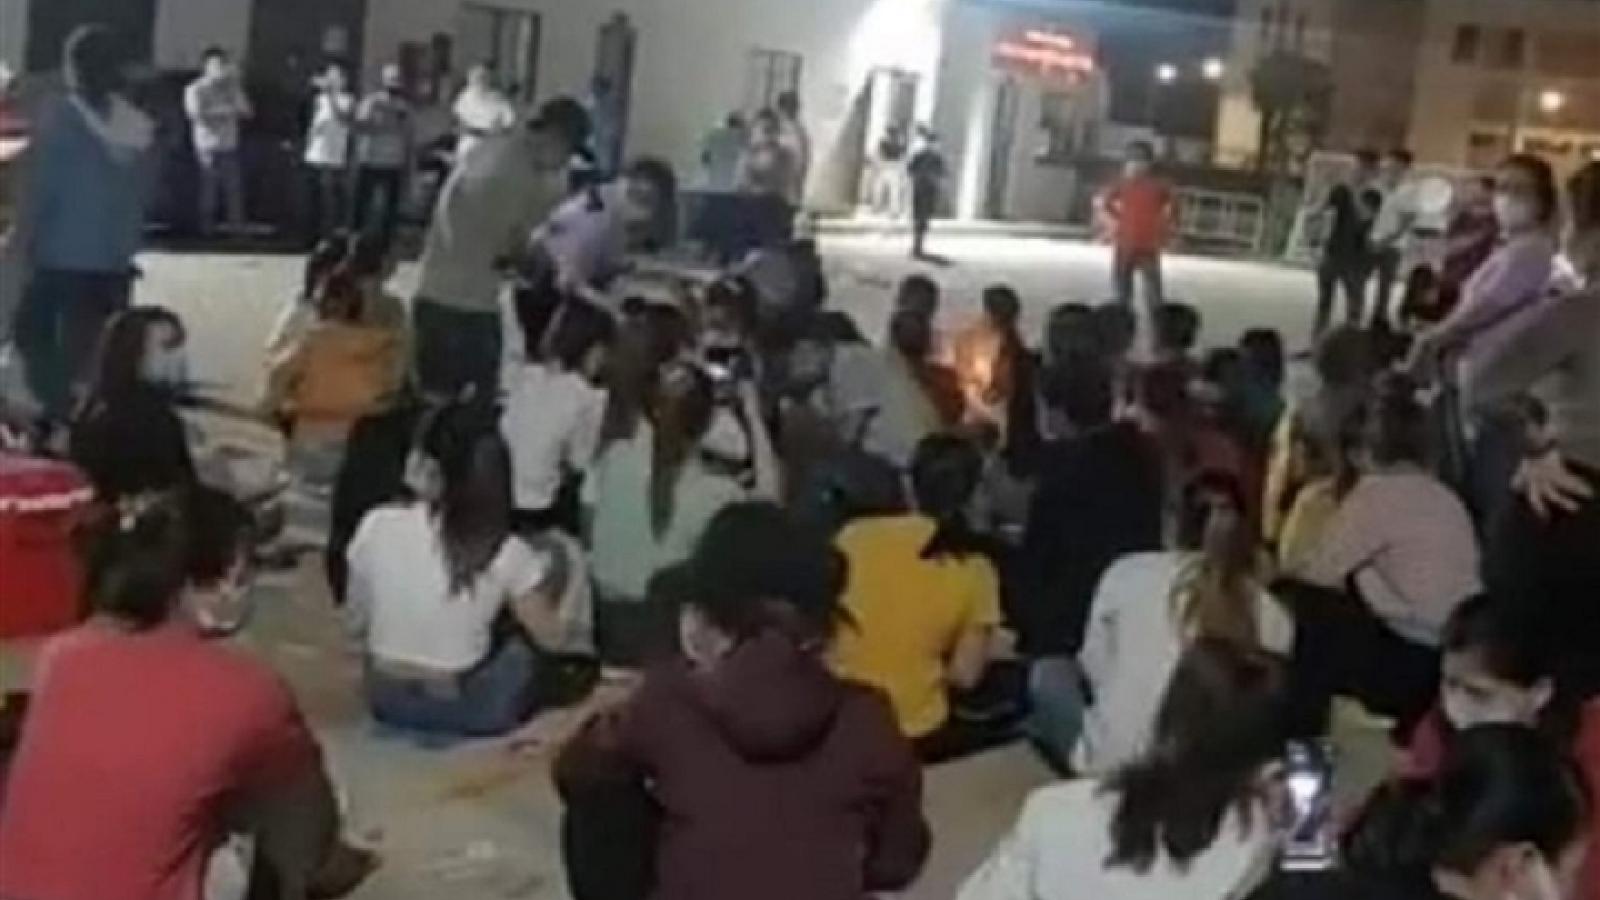 Xử phạt doanh nghiệp ở Quảng Ngãi để công nhân tụ tập hát karaoke